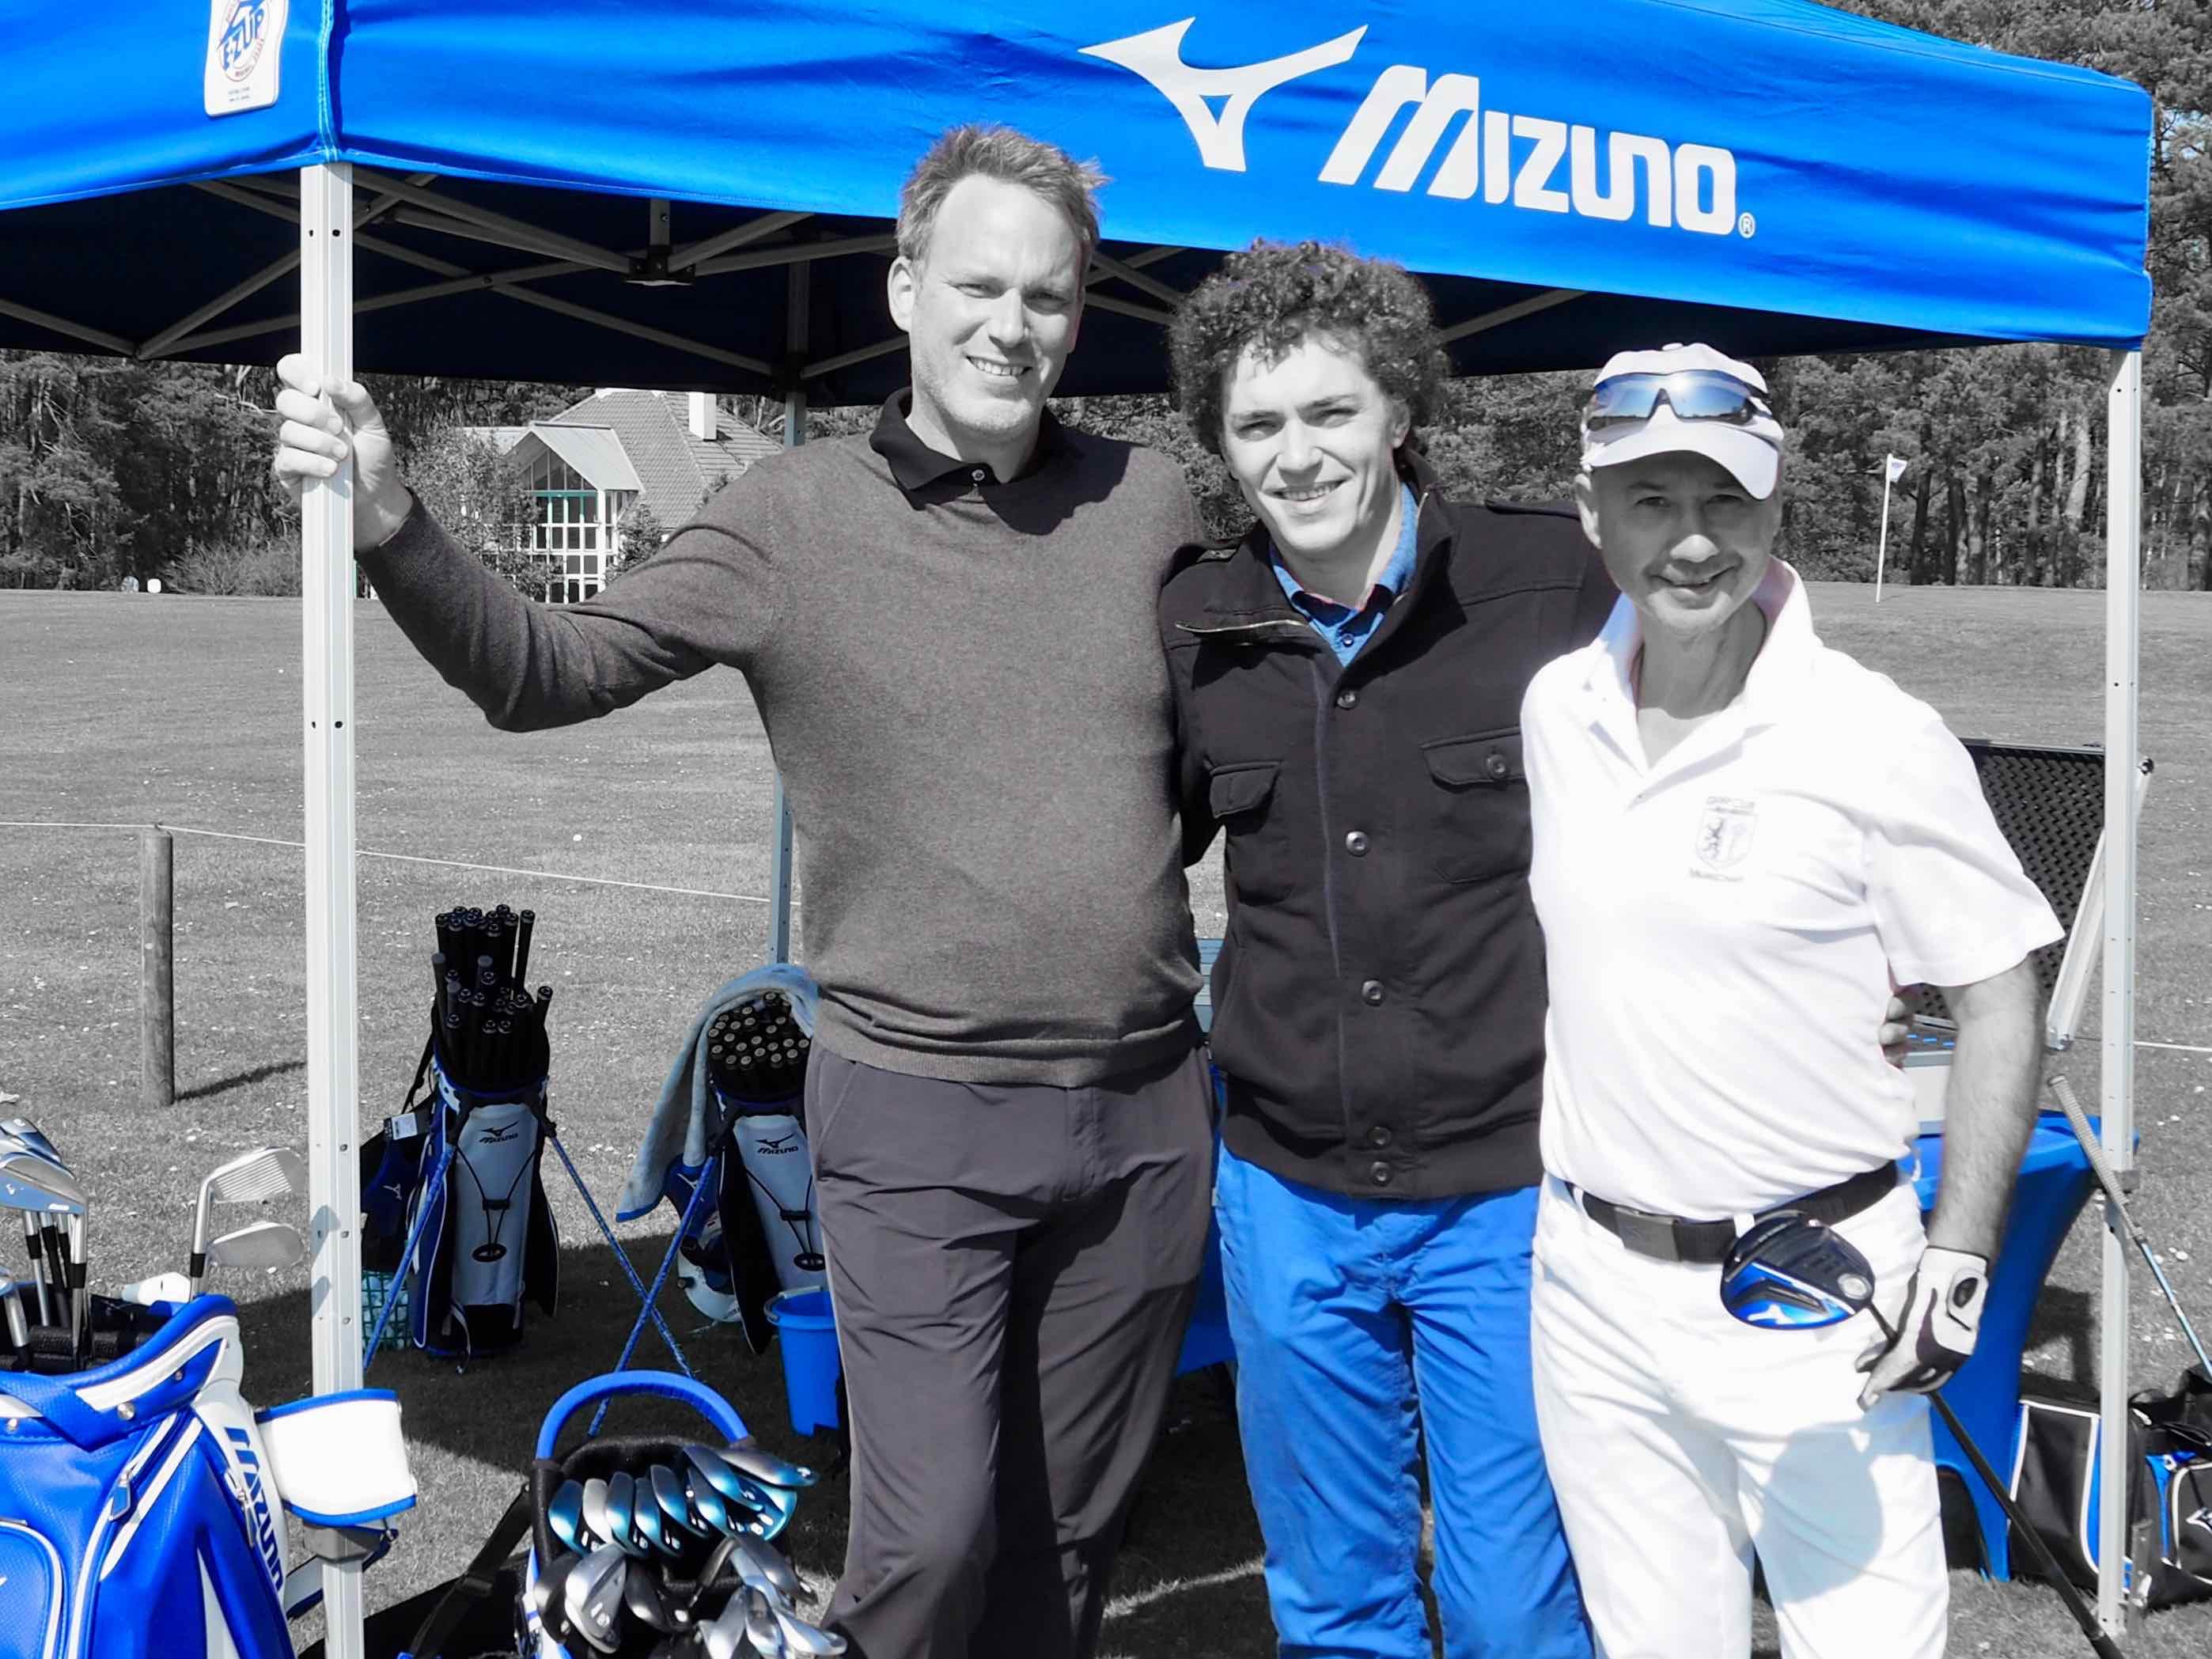 Patrick Albrecht von Golf Mitte, Michal Huelss von Mizuno und Thomas J. Jandke